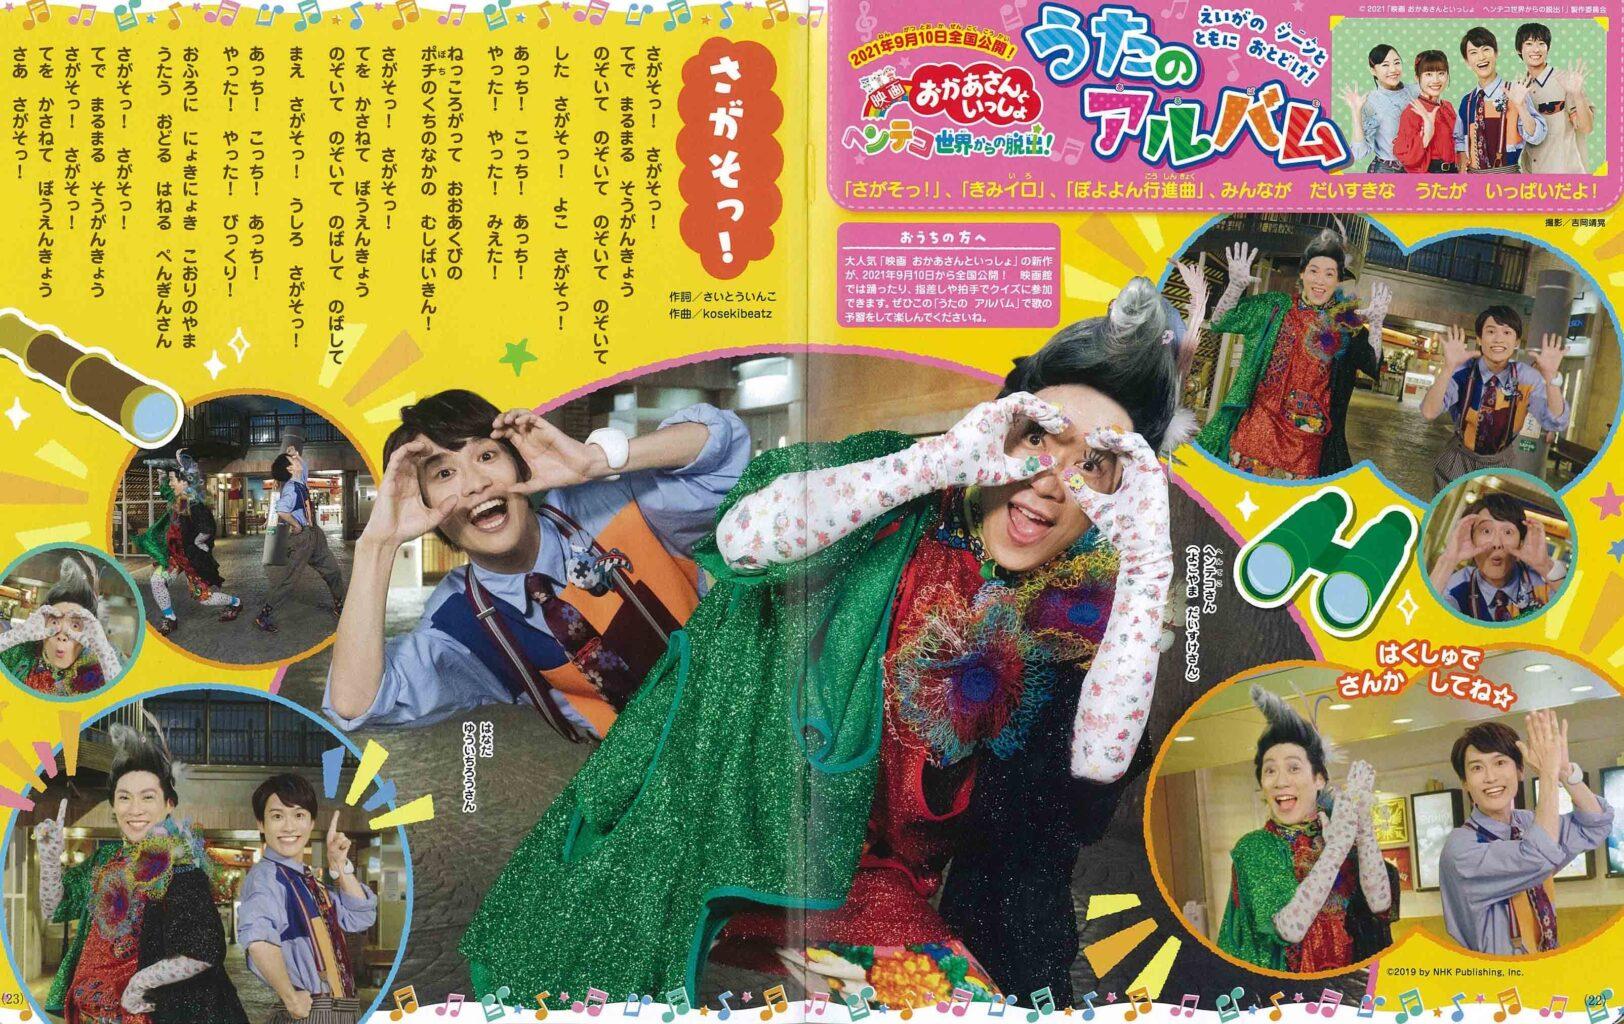 NHKのおかあさんといっしょ 2021年冬号本誌特集